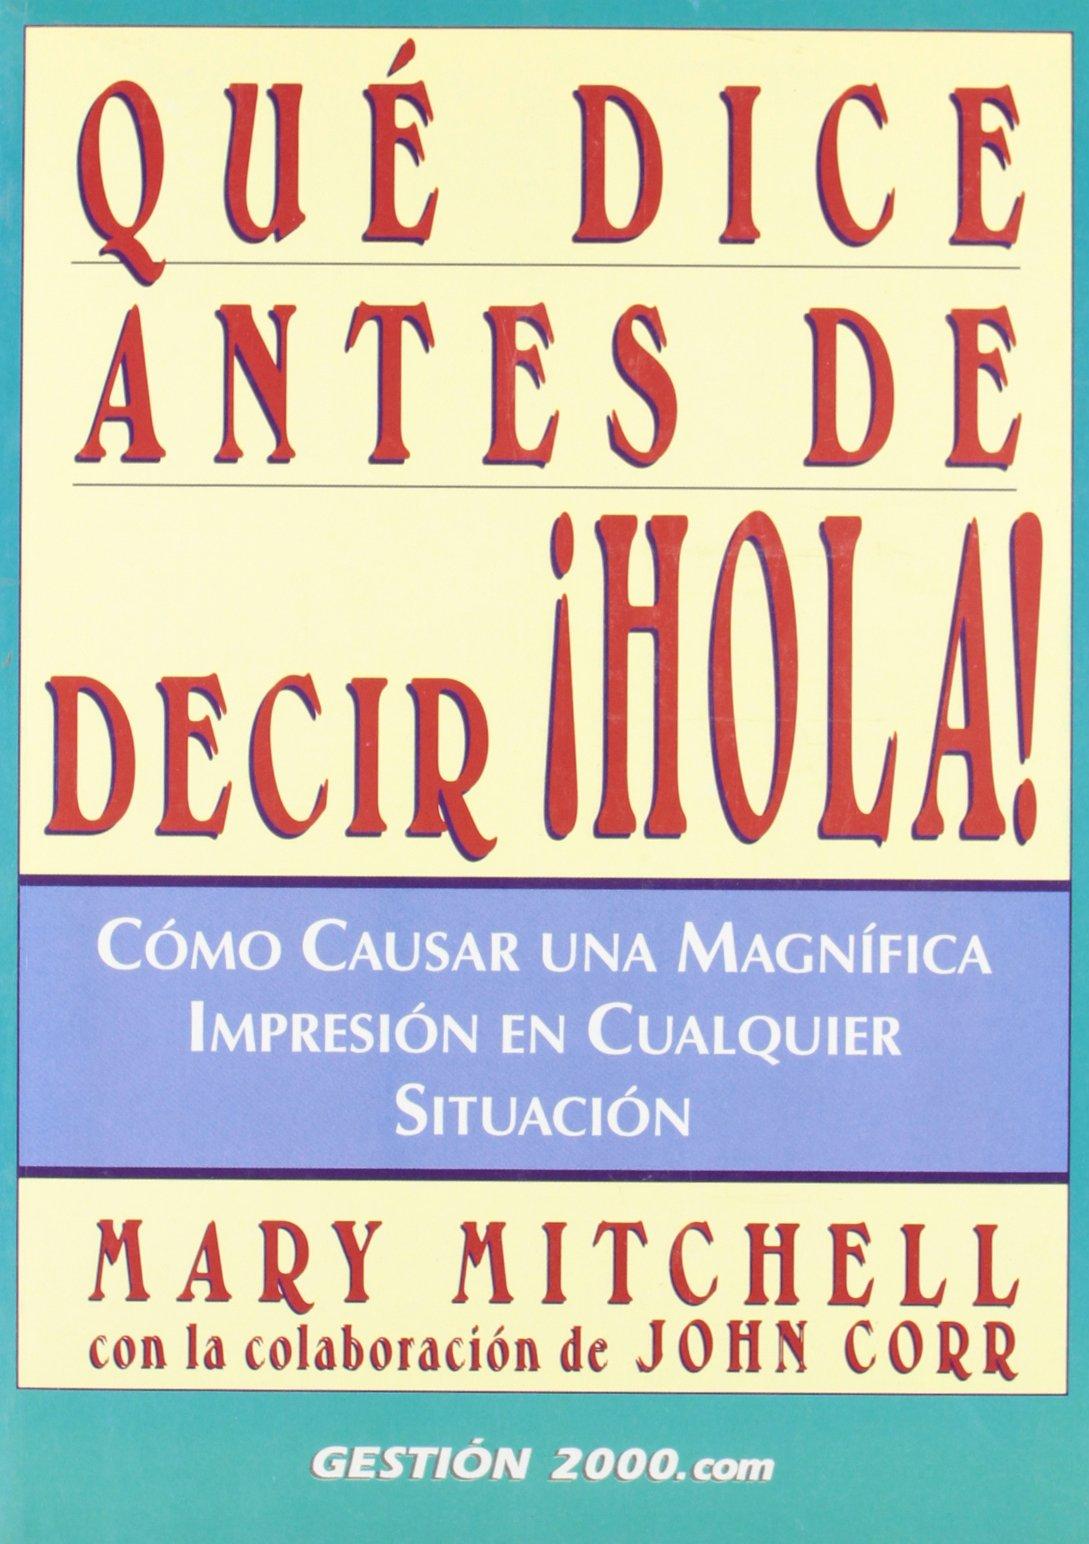 Cómo causar una magnífica impresión en cualquier situación: Amazon.es: Mary Mitchell: Libros